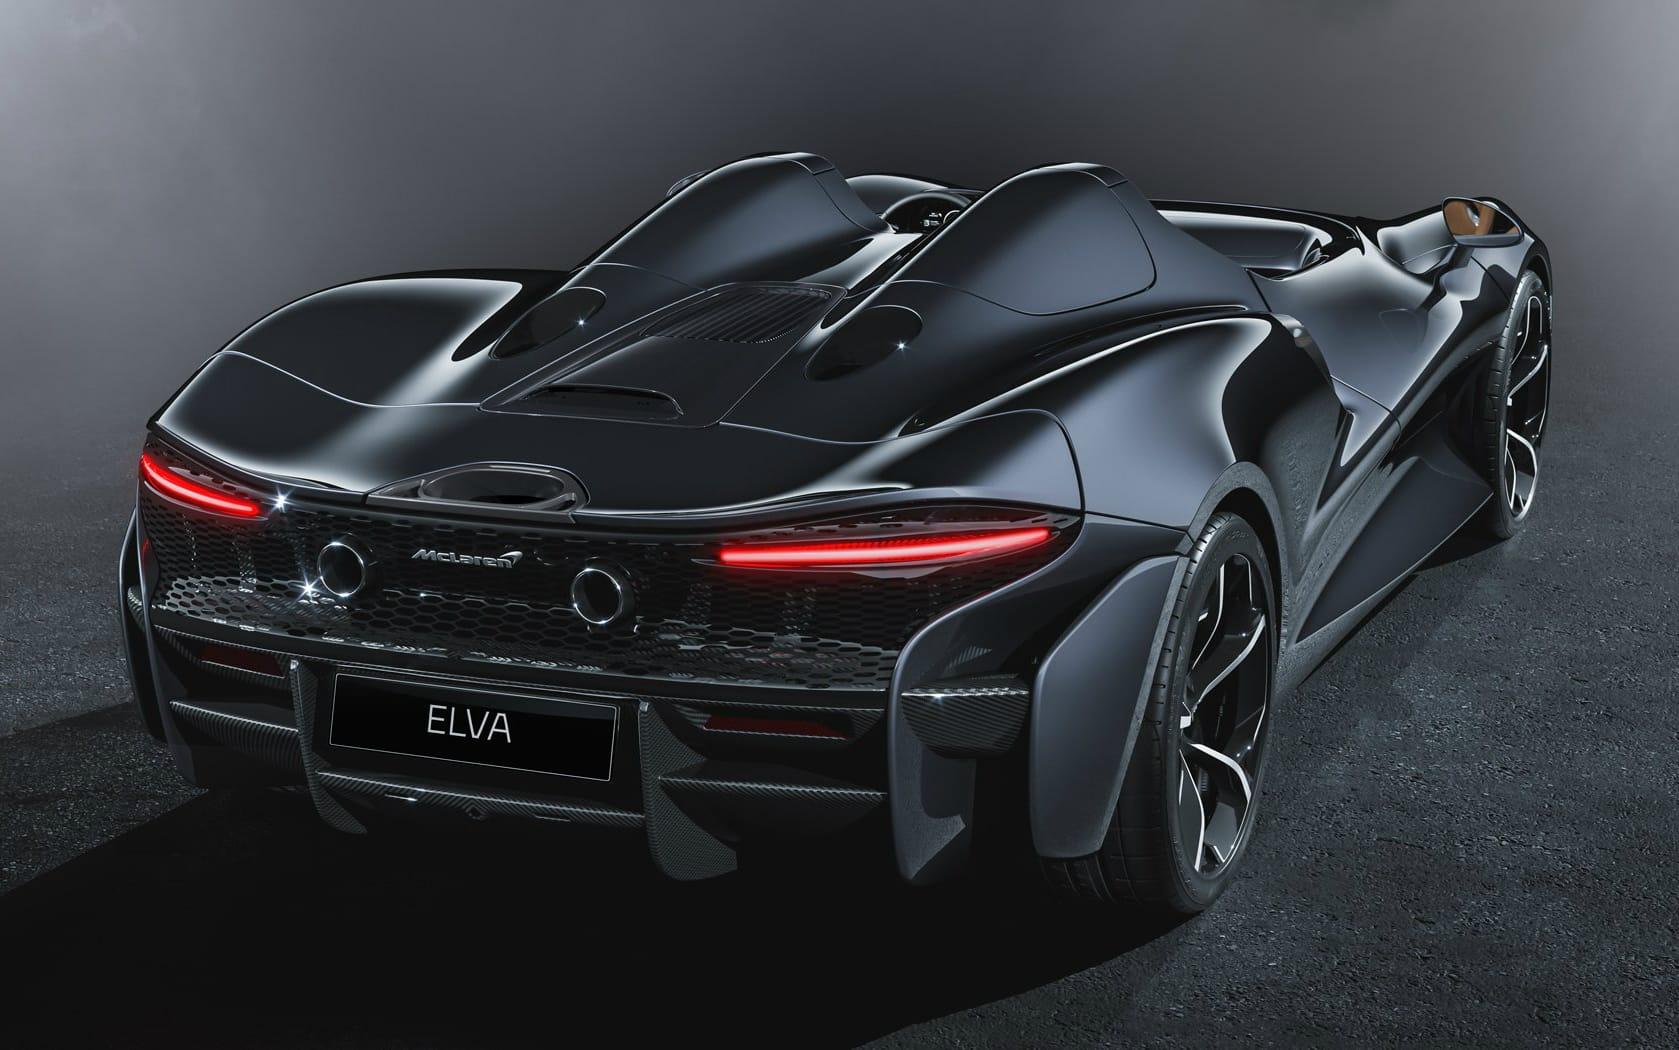 The McLaren Elva